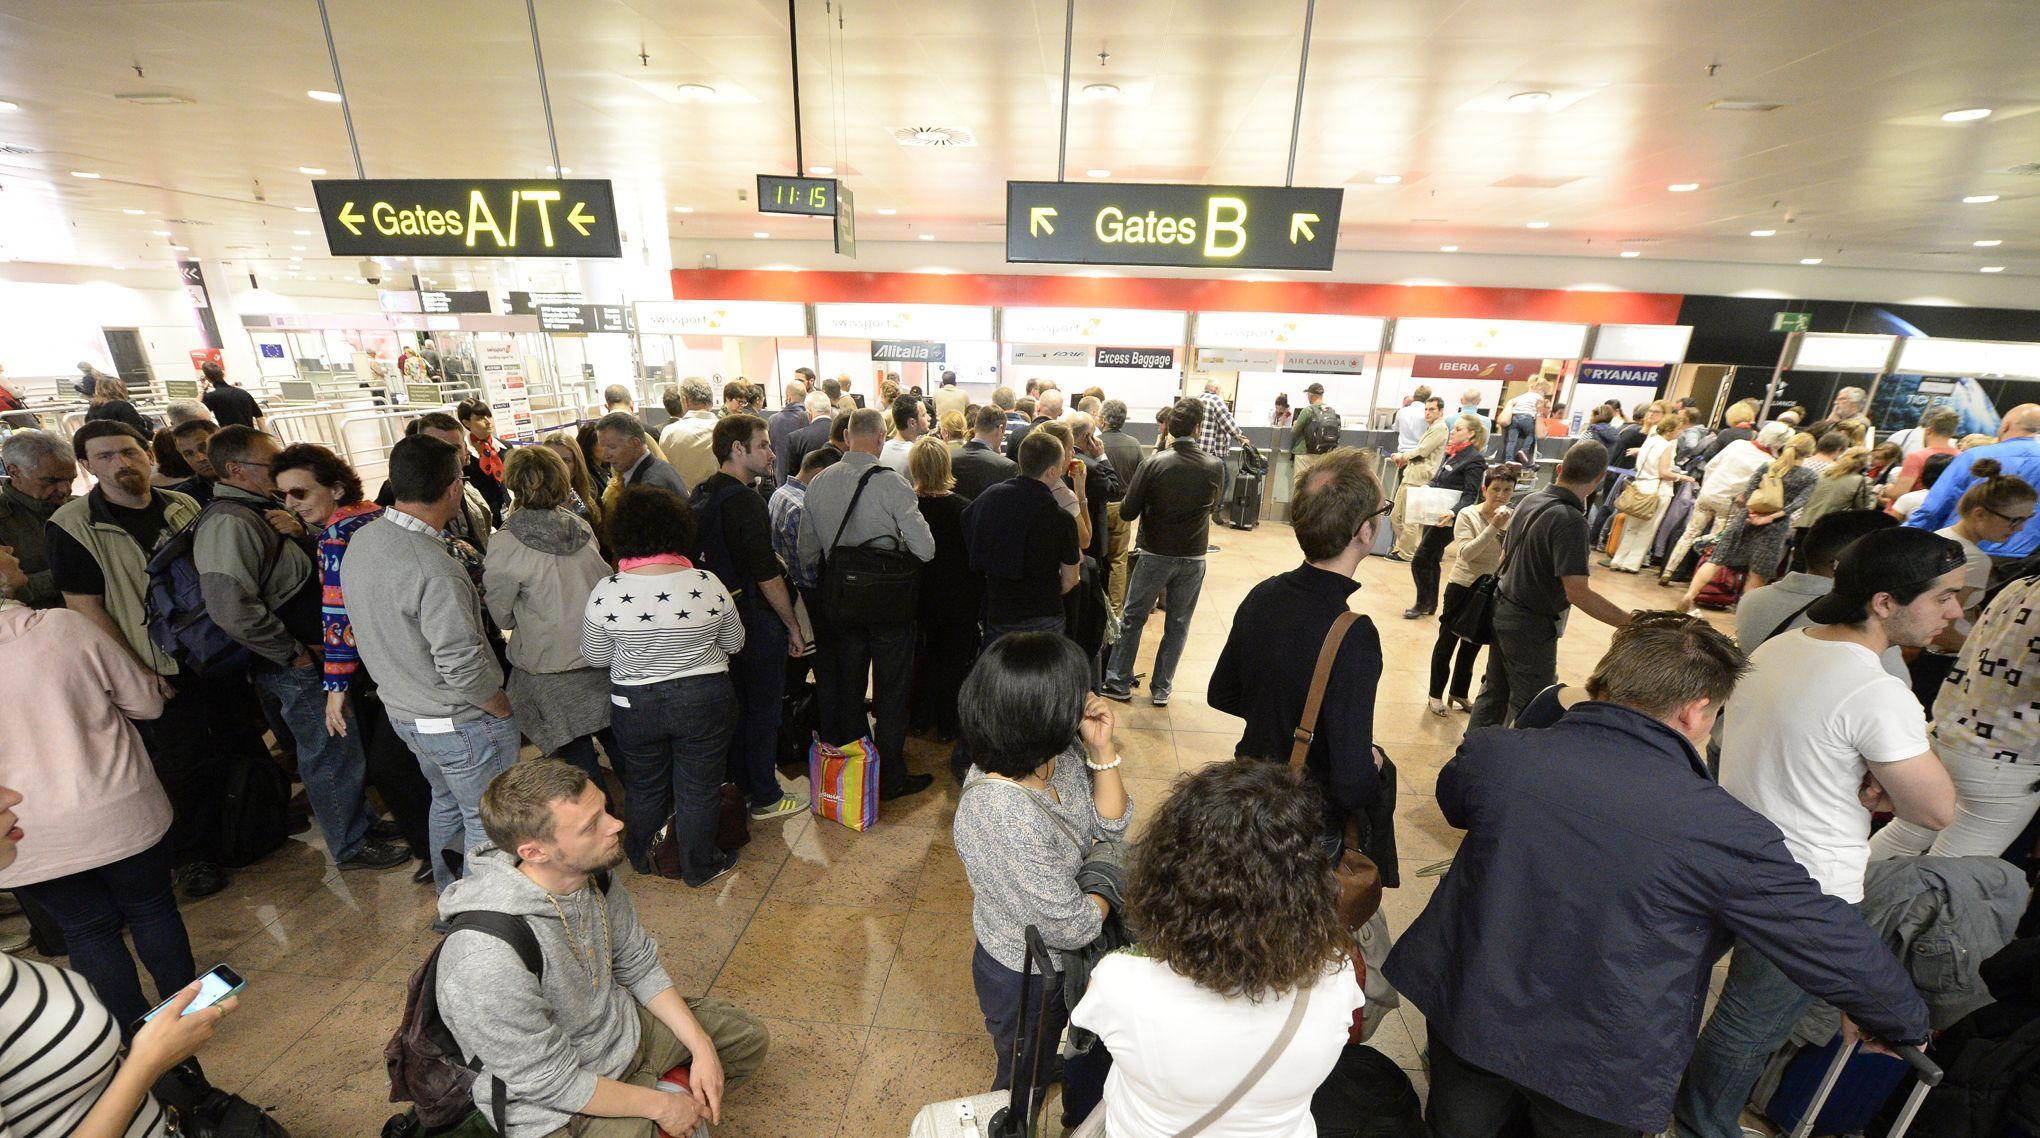 conjoncture  ARTFIG attentats a bruxelles comment le trafic aerien s organise